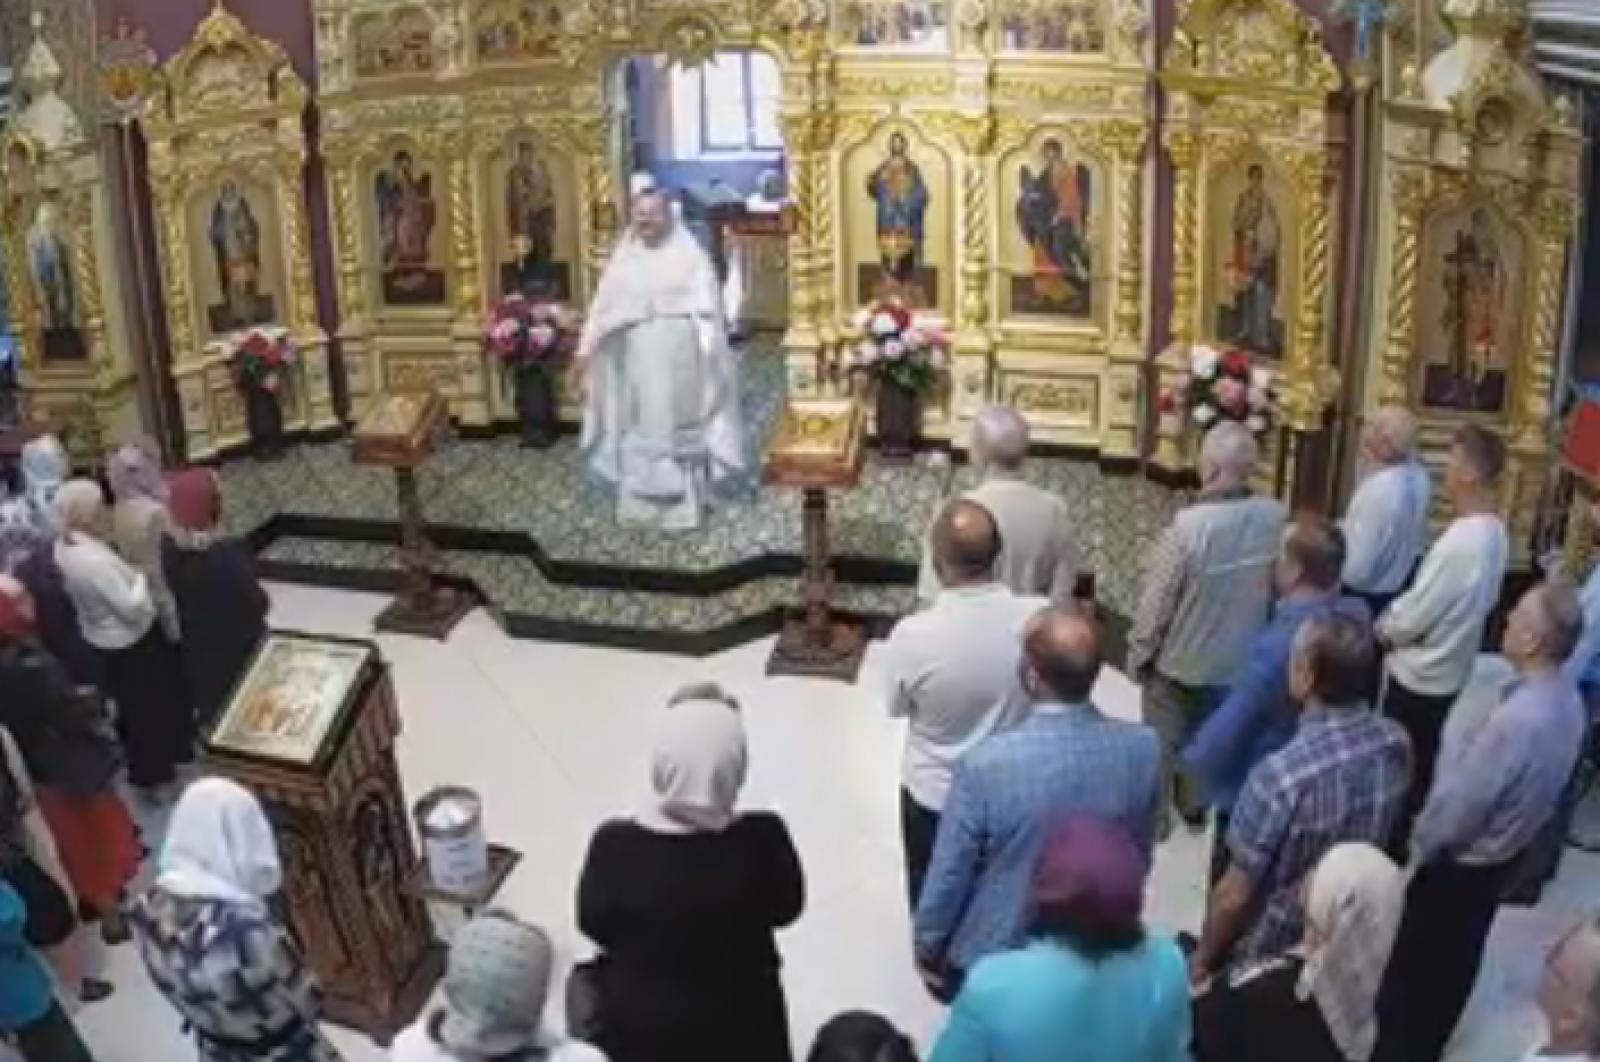 (live) Creștinii ortodocși sărbătoresc astăzi Înălțarea Domnului. Slujbe religioase au loc în bisericile din țară